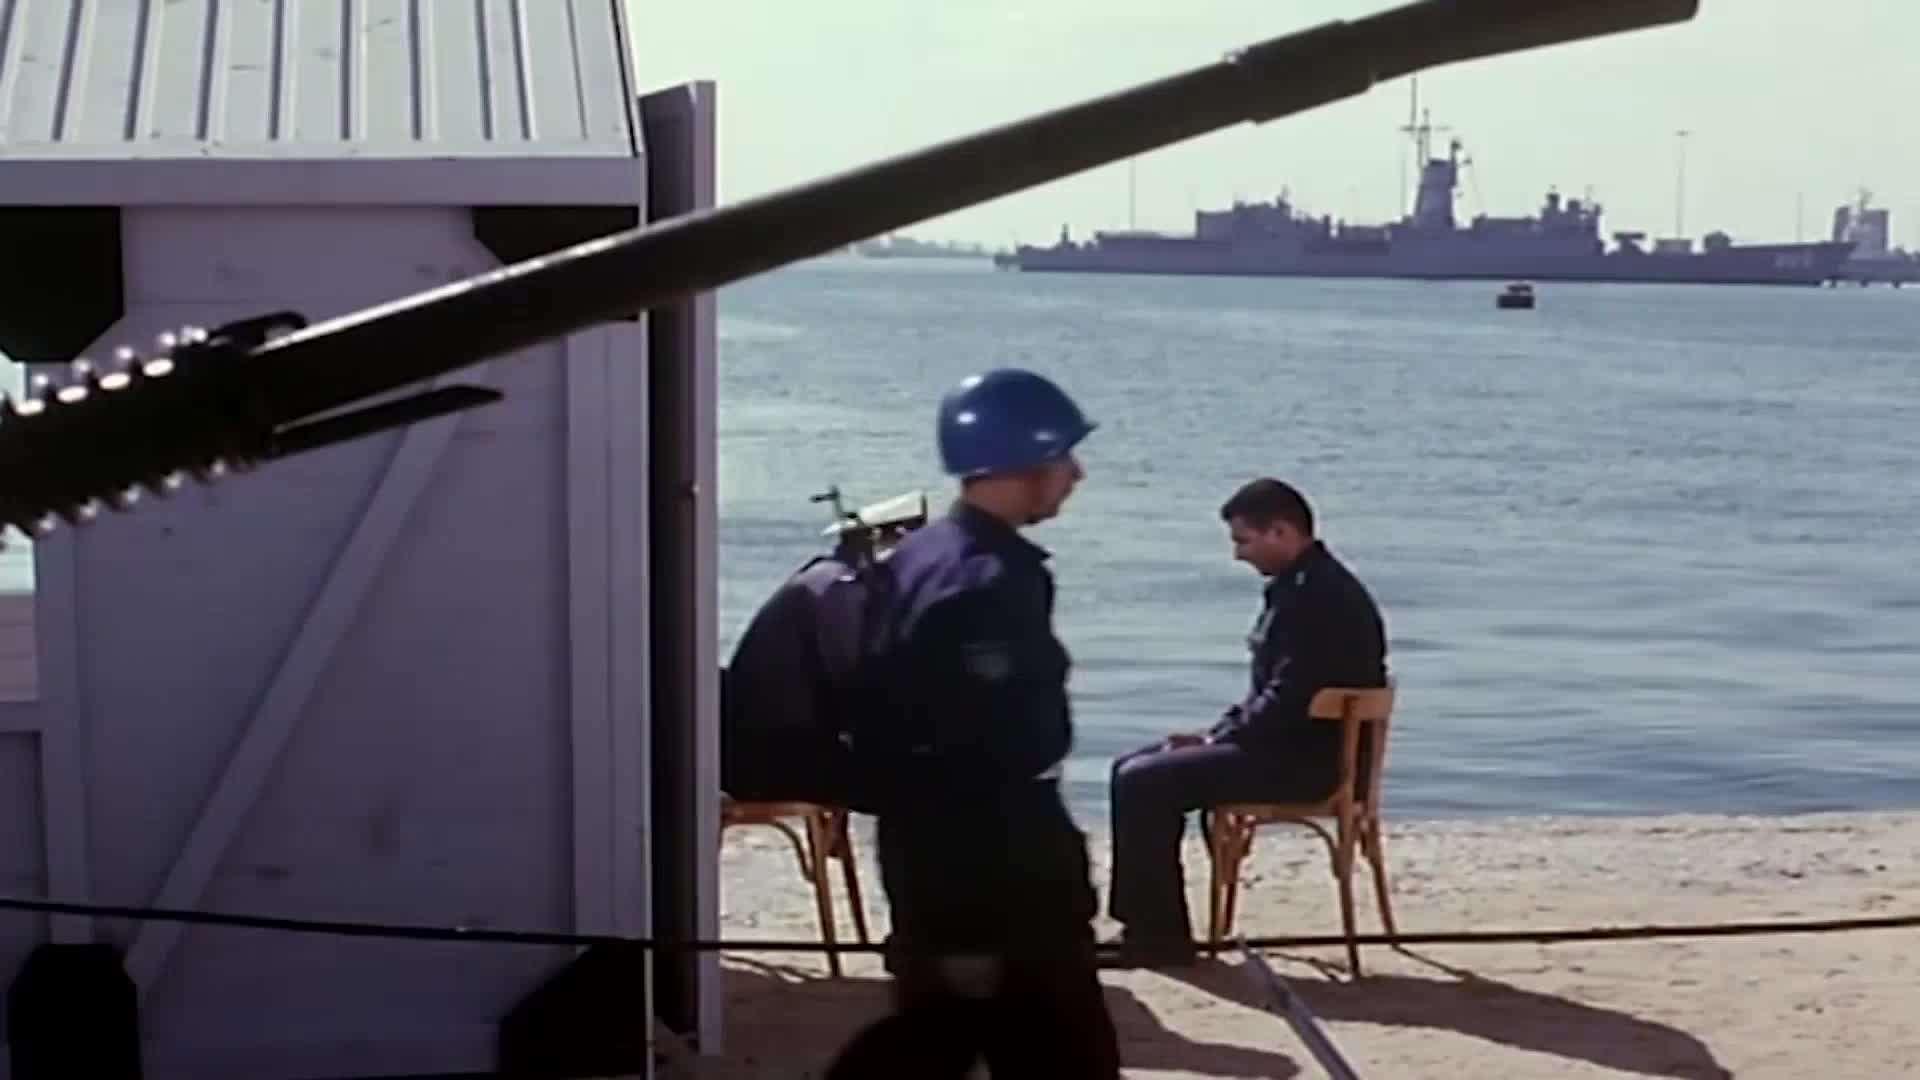 [فيلم][تورنت][تحميل][يوم الكرامة][2004][1080p][Web-DL] 4 arabp2p.com